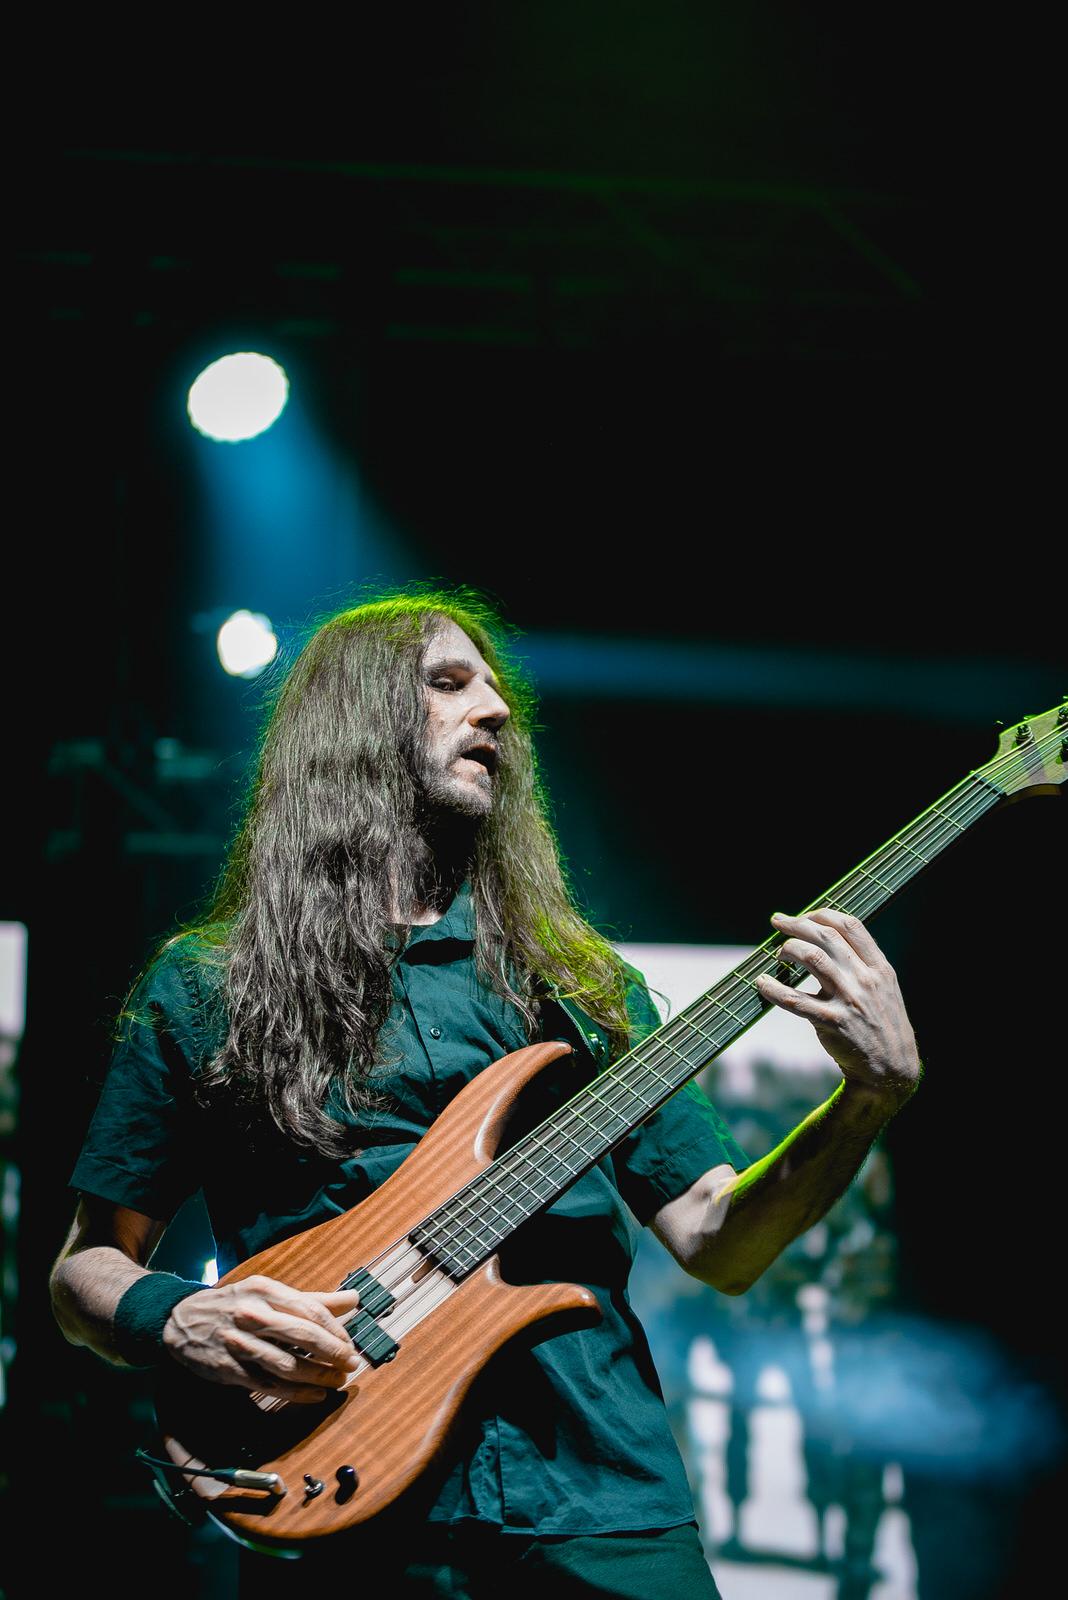 likaclub_gospić_koncert-thompson_2018-79